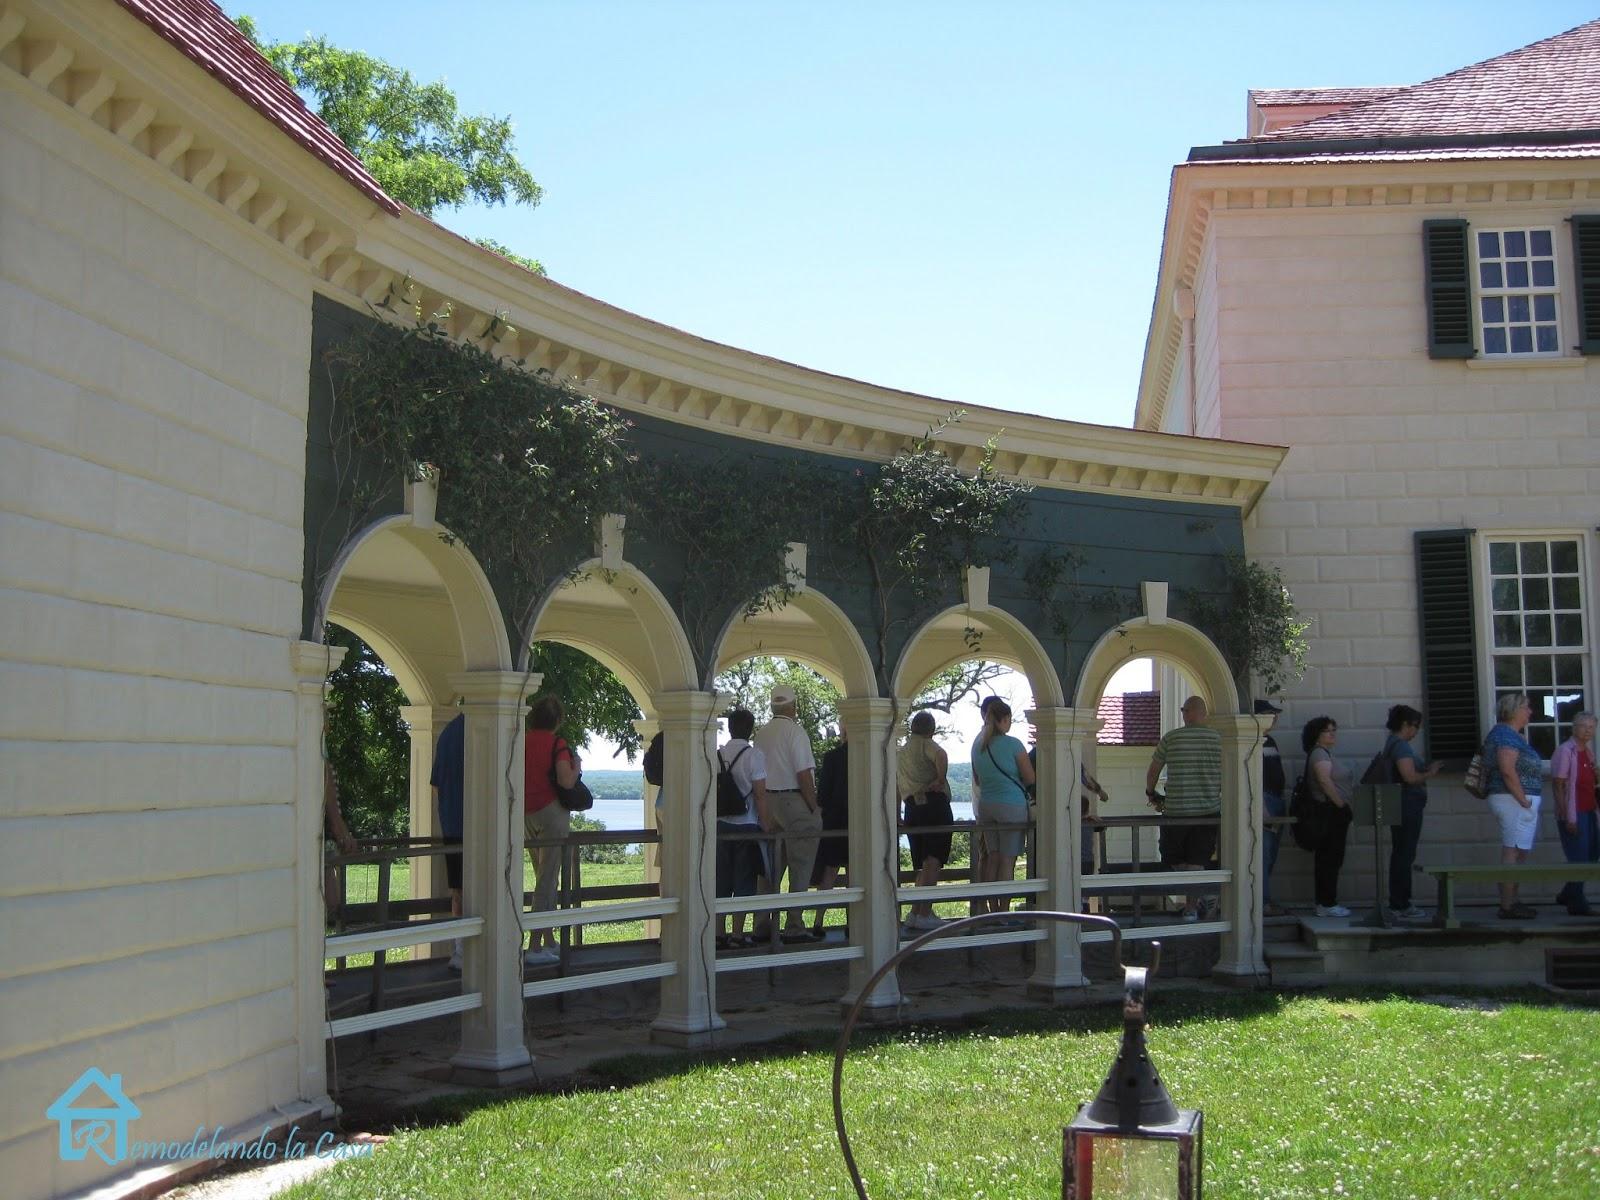 Mount Vernon  1  Remodelando la Casa